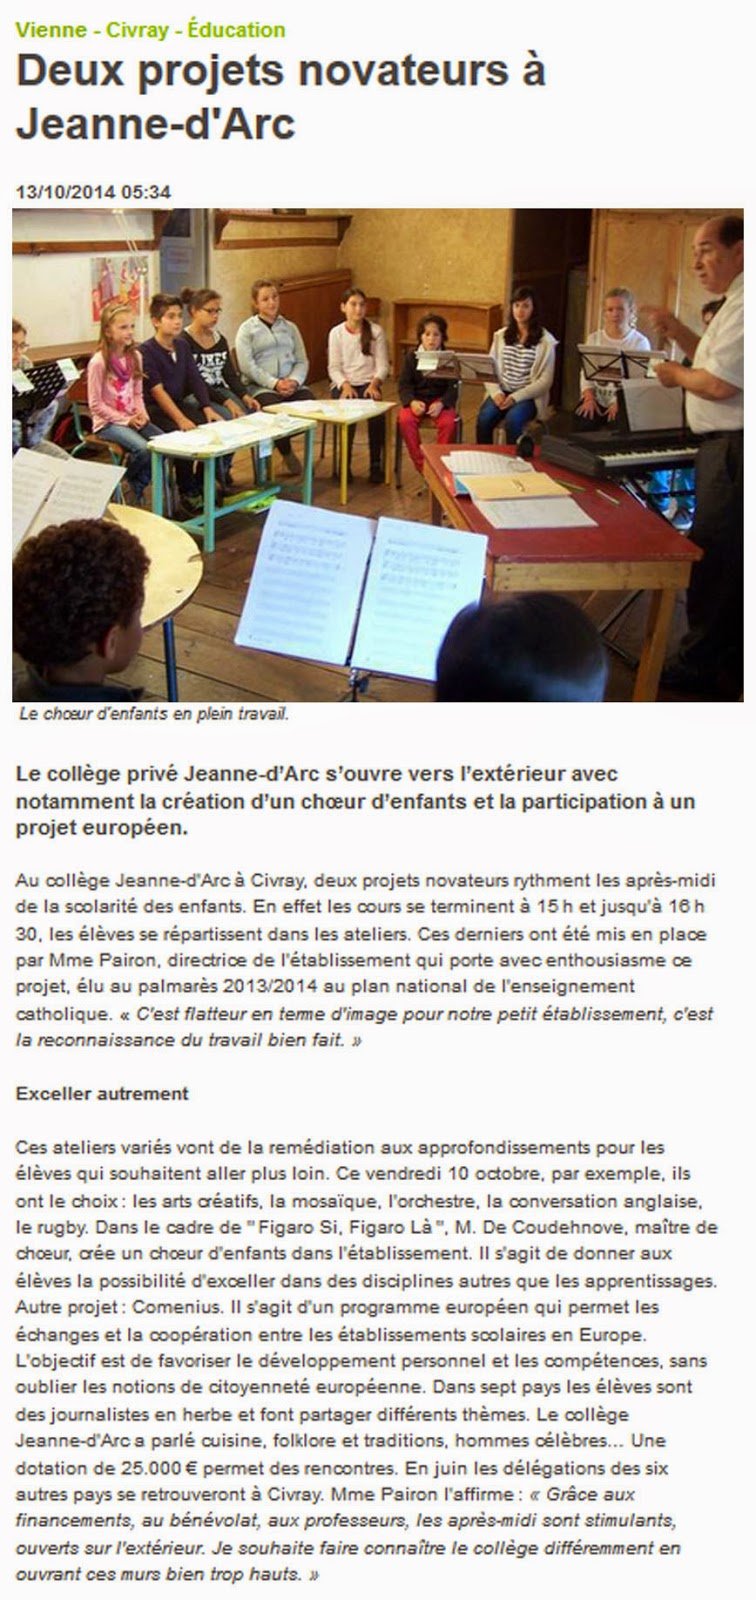 http://www.lanouvellerepublique.fr/Vienne/Communes/Civray/n/Contenus/Articles/2014/10/13/Deux-projets-novateurs-a-Jeanne-d-Arc-2079100